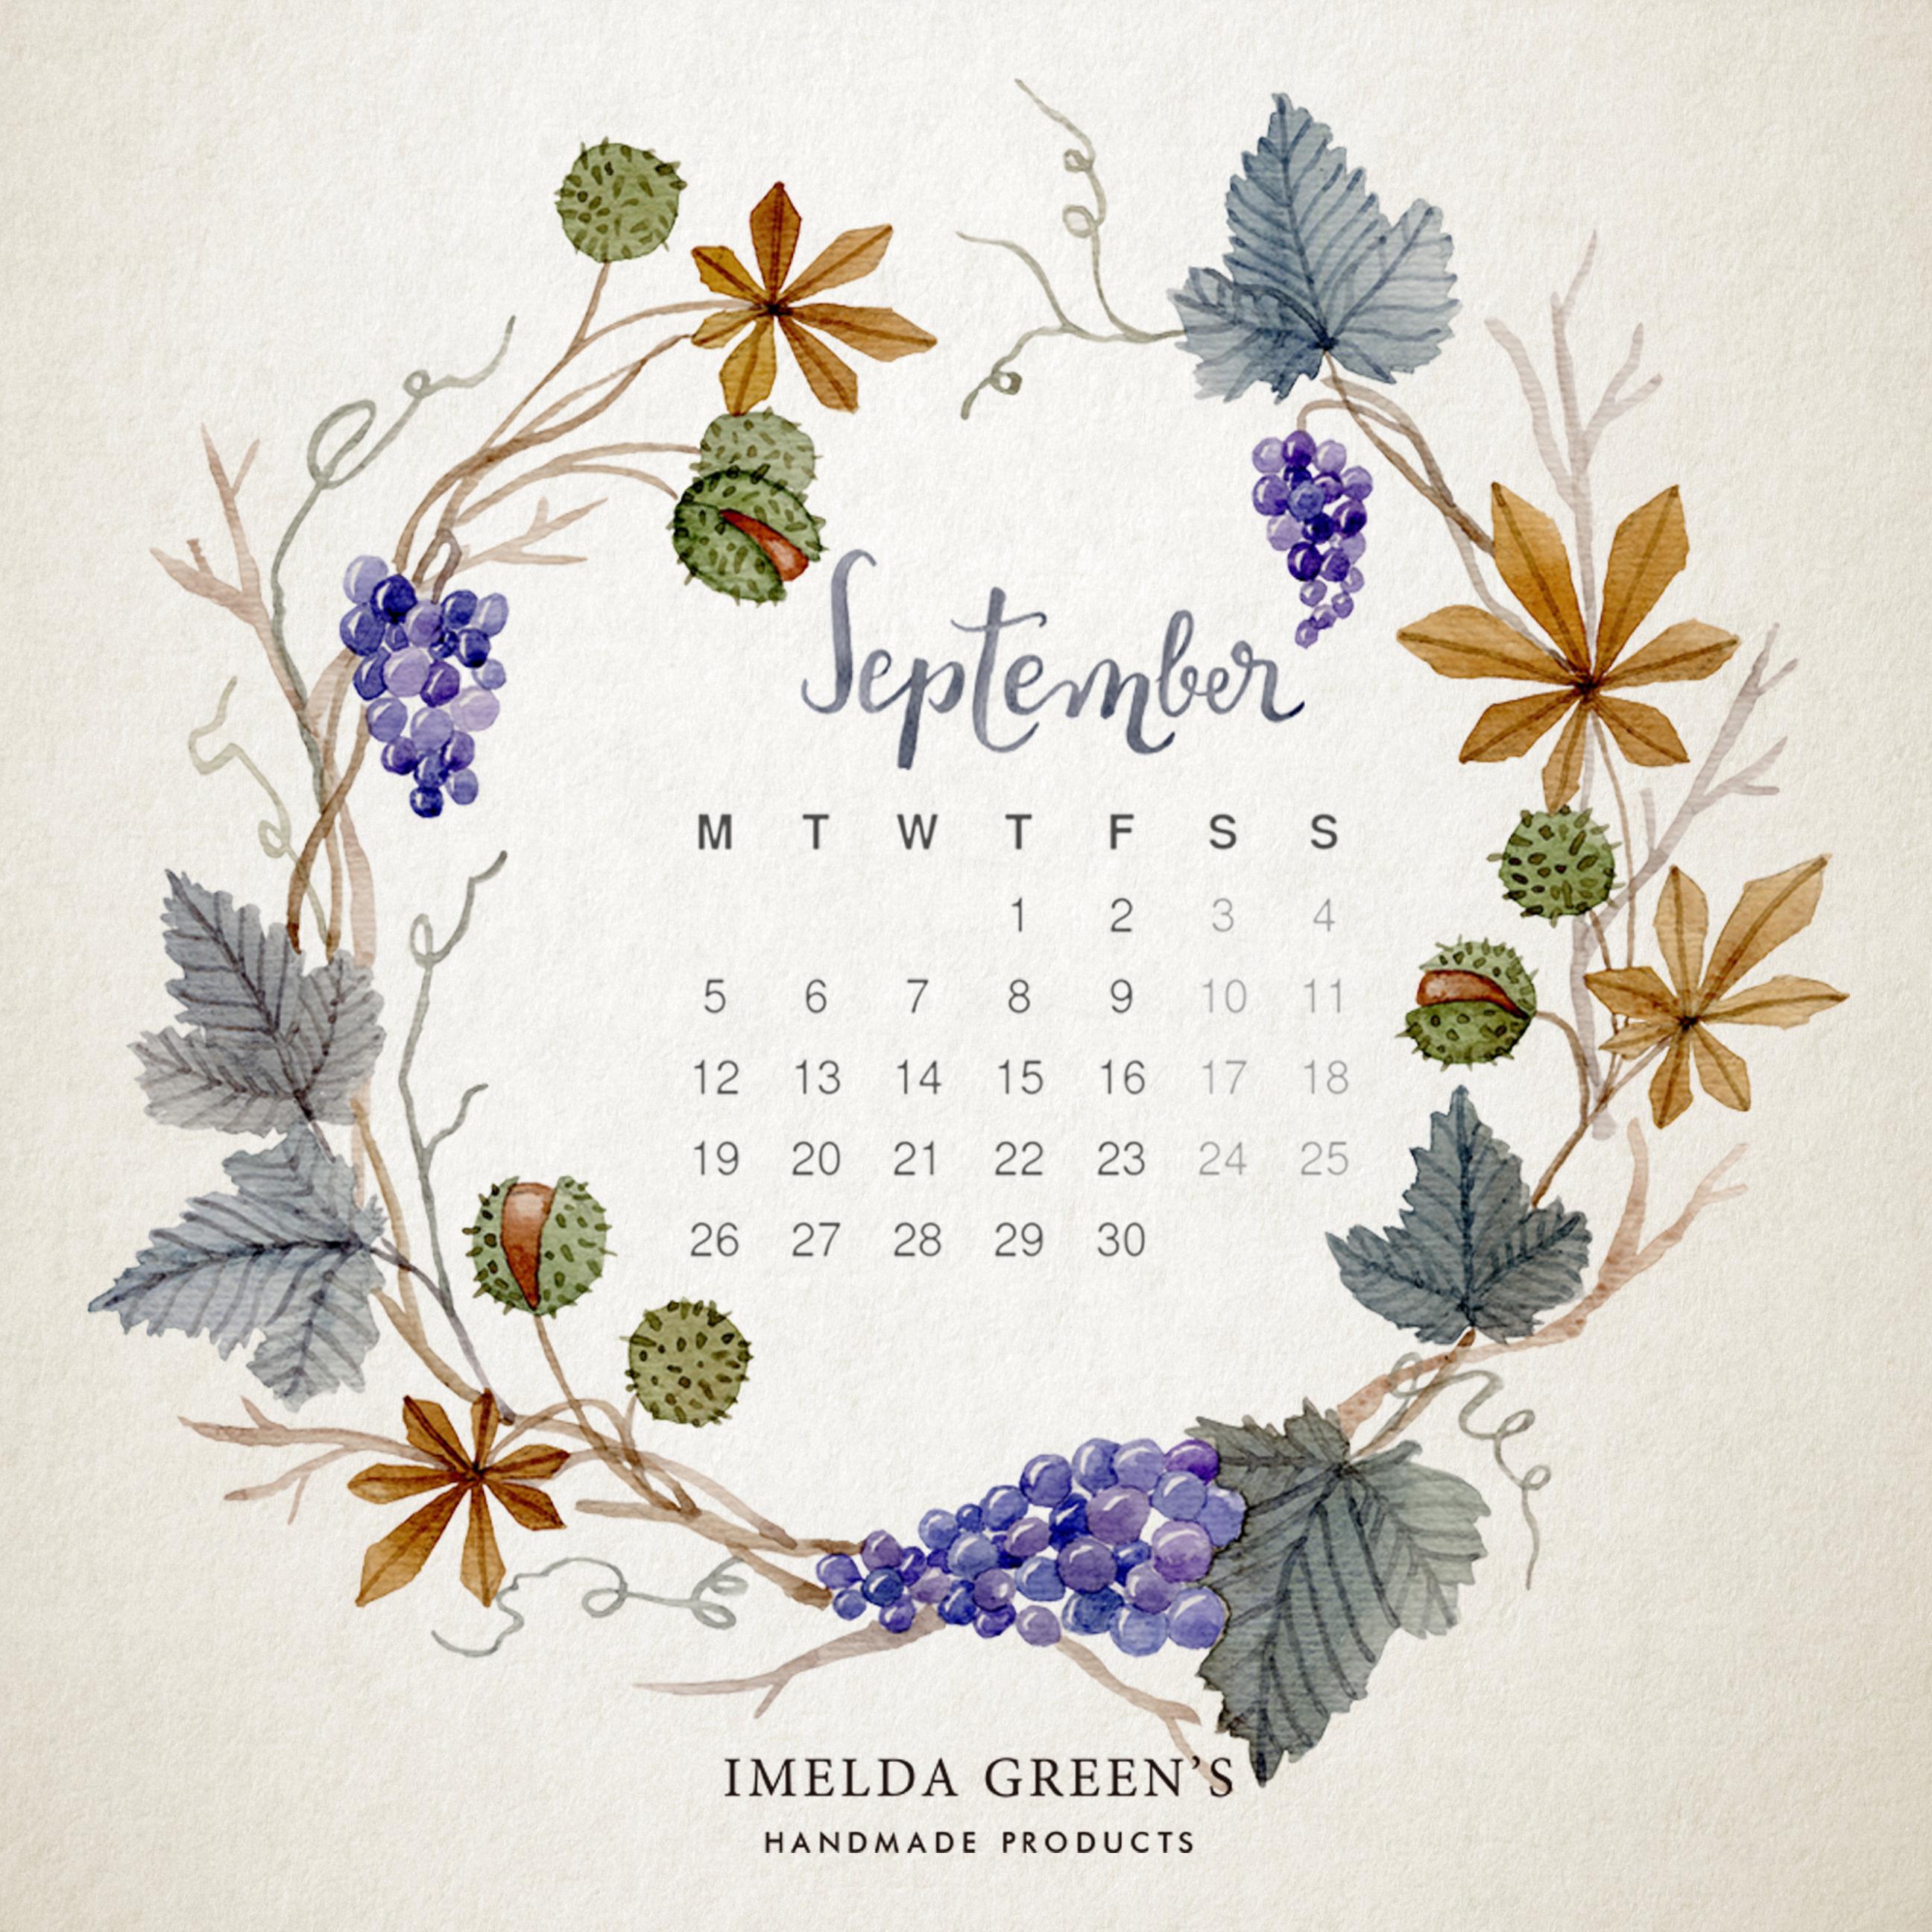 16_09_september_imeldamade_instagram